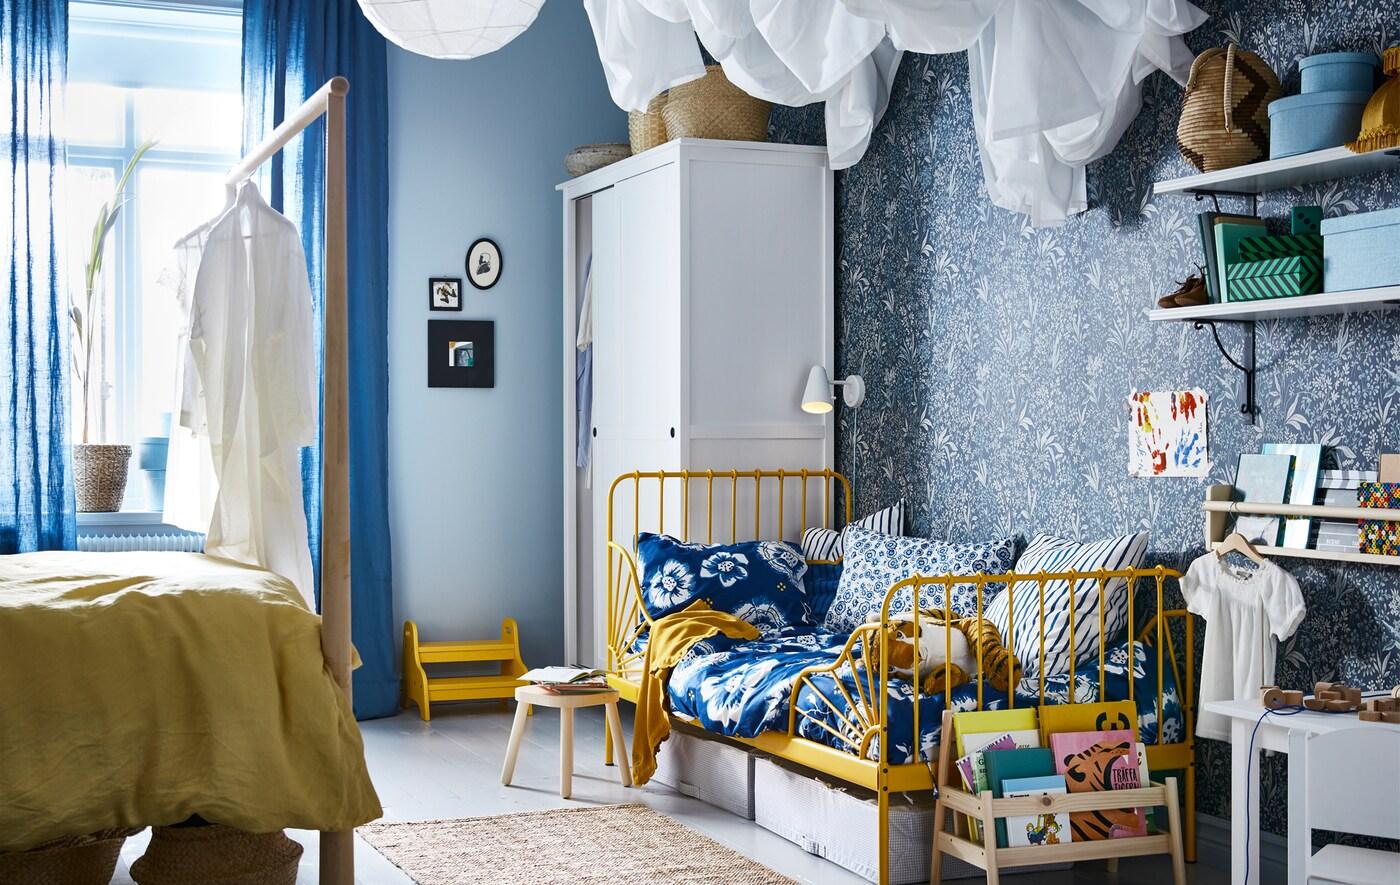 Ložnice v modré a žluté, postel pro dospělé a dětská postýlka na druhou stranu